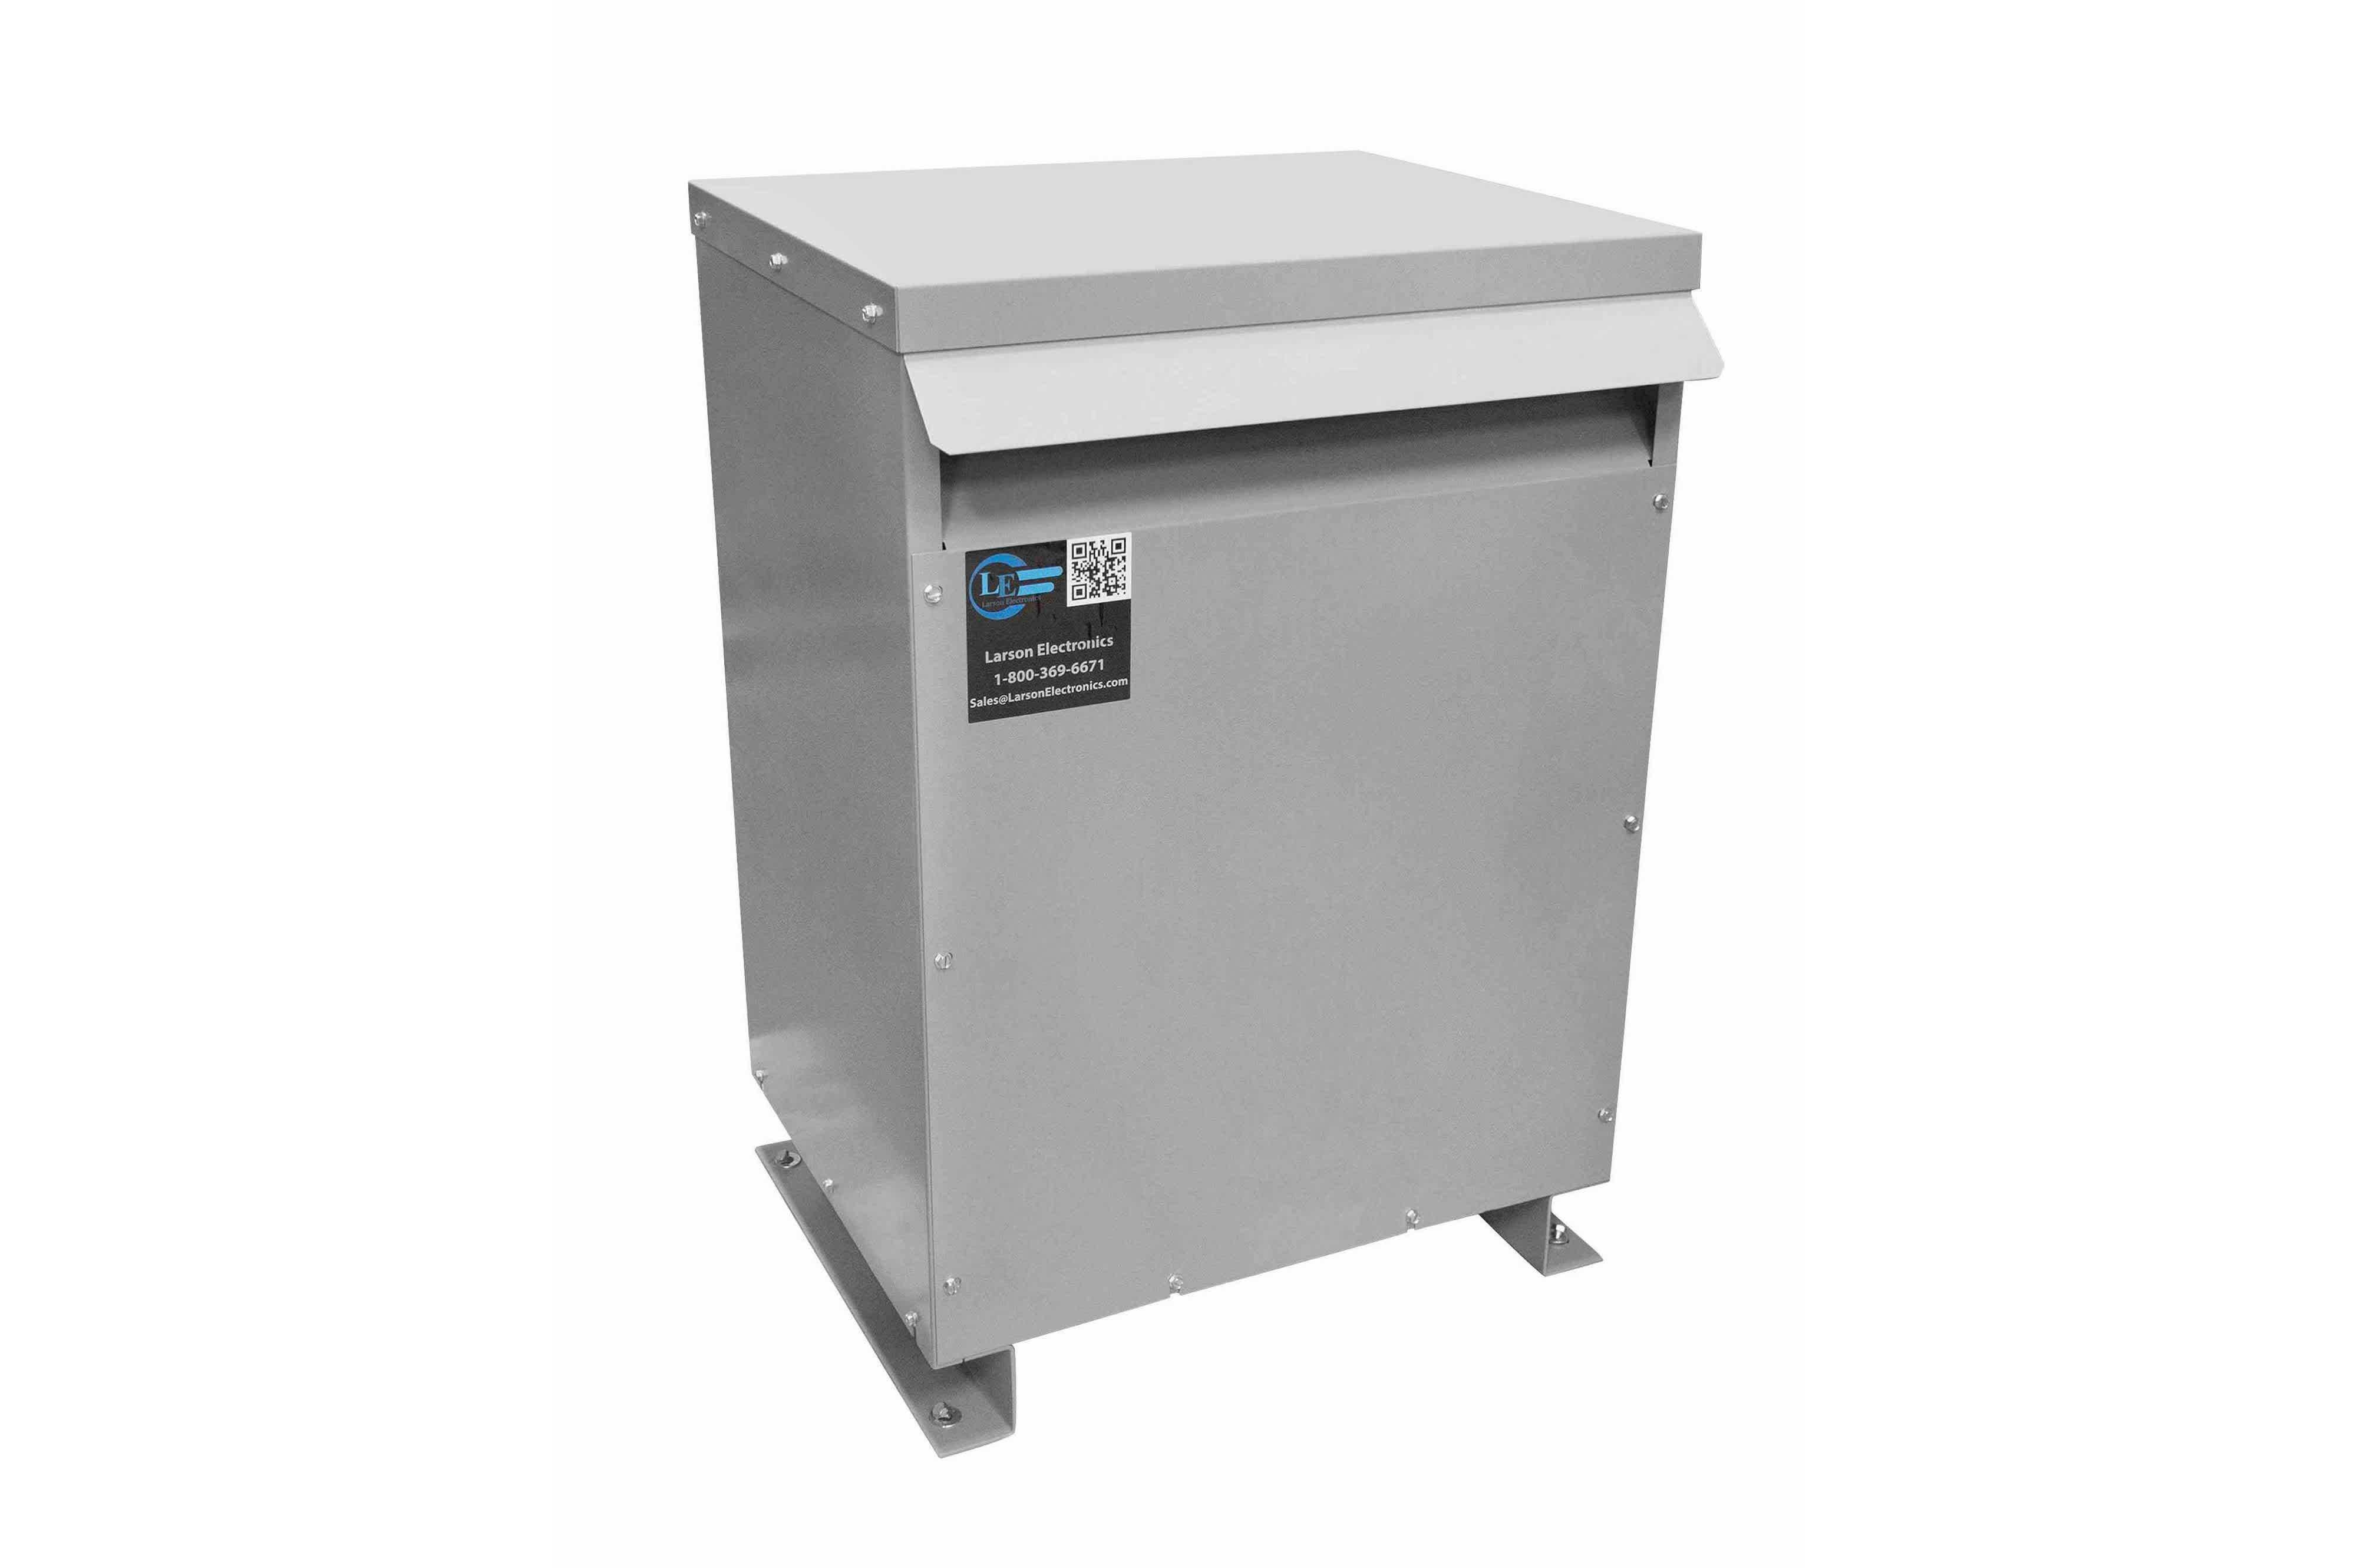 900 kVA 3PH Isolation Transformer, 480V Delta Primary, 400V Delta Secondary, N3R, Ventilated, 60 Hz